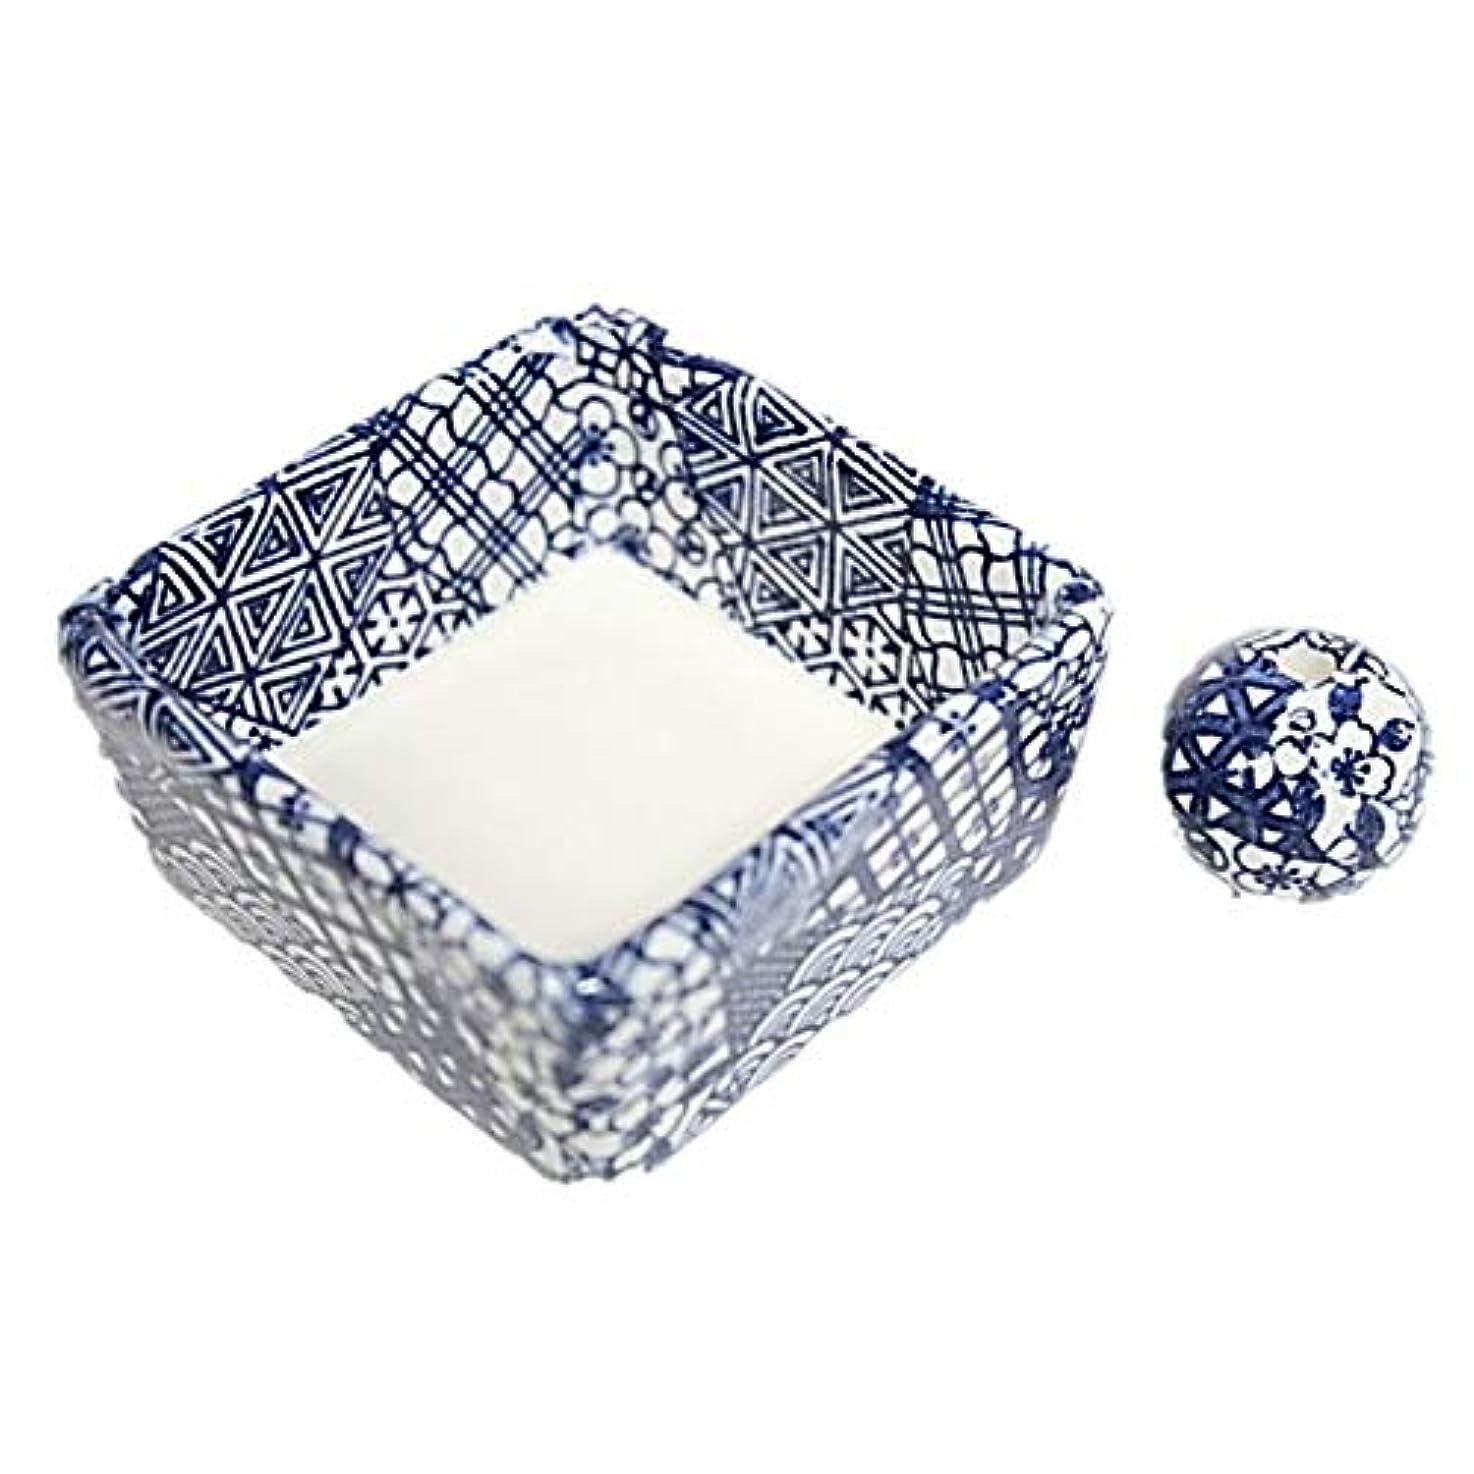 優先権むしゃむしゃ栄光和モダン 五条 お香立て 陶器 角鉢 製造直売品